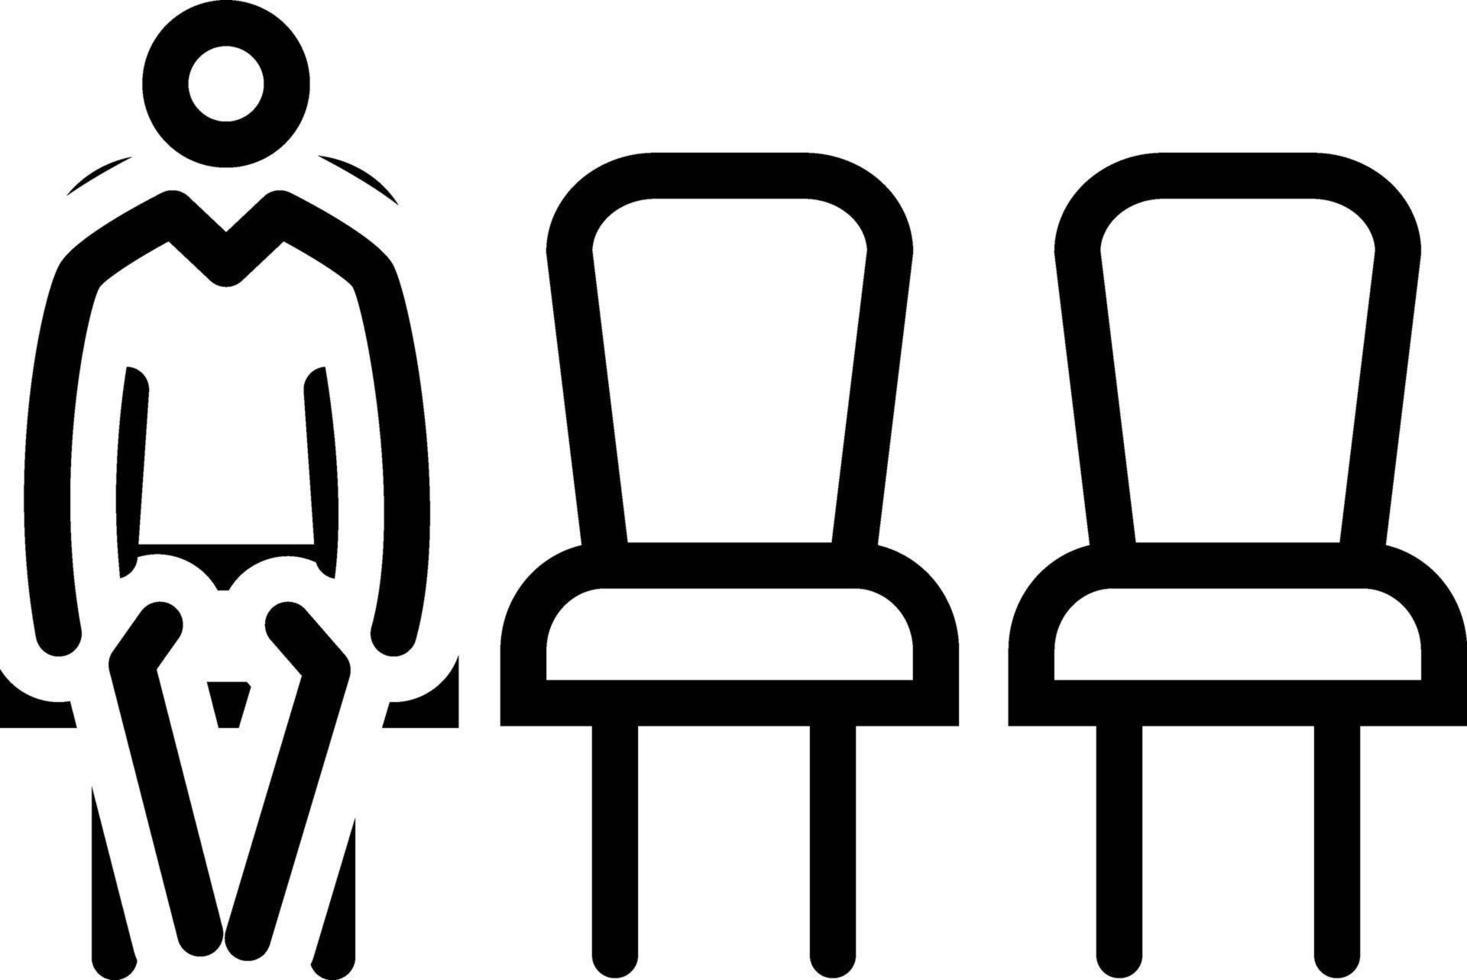 icona della linea per l'attesa vettore